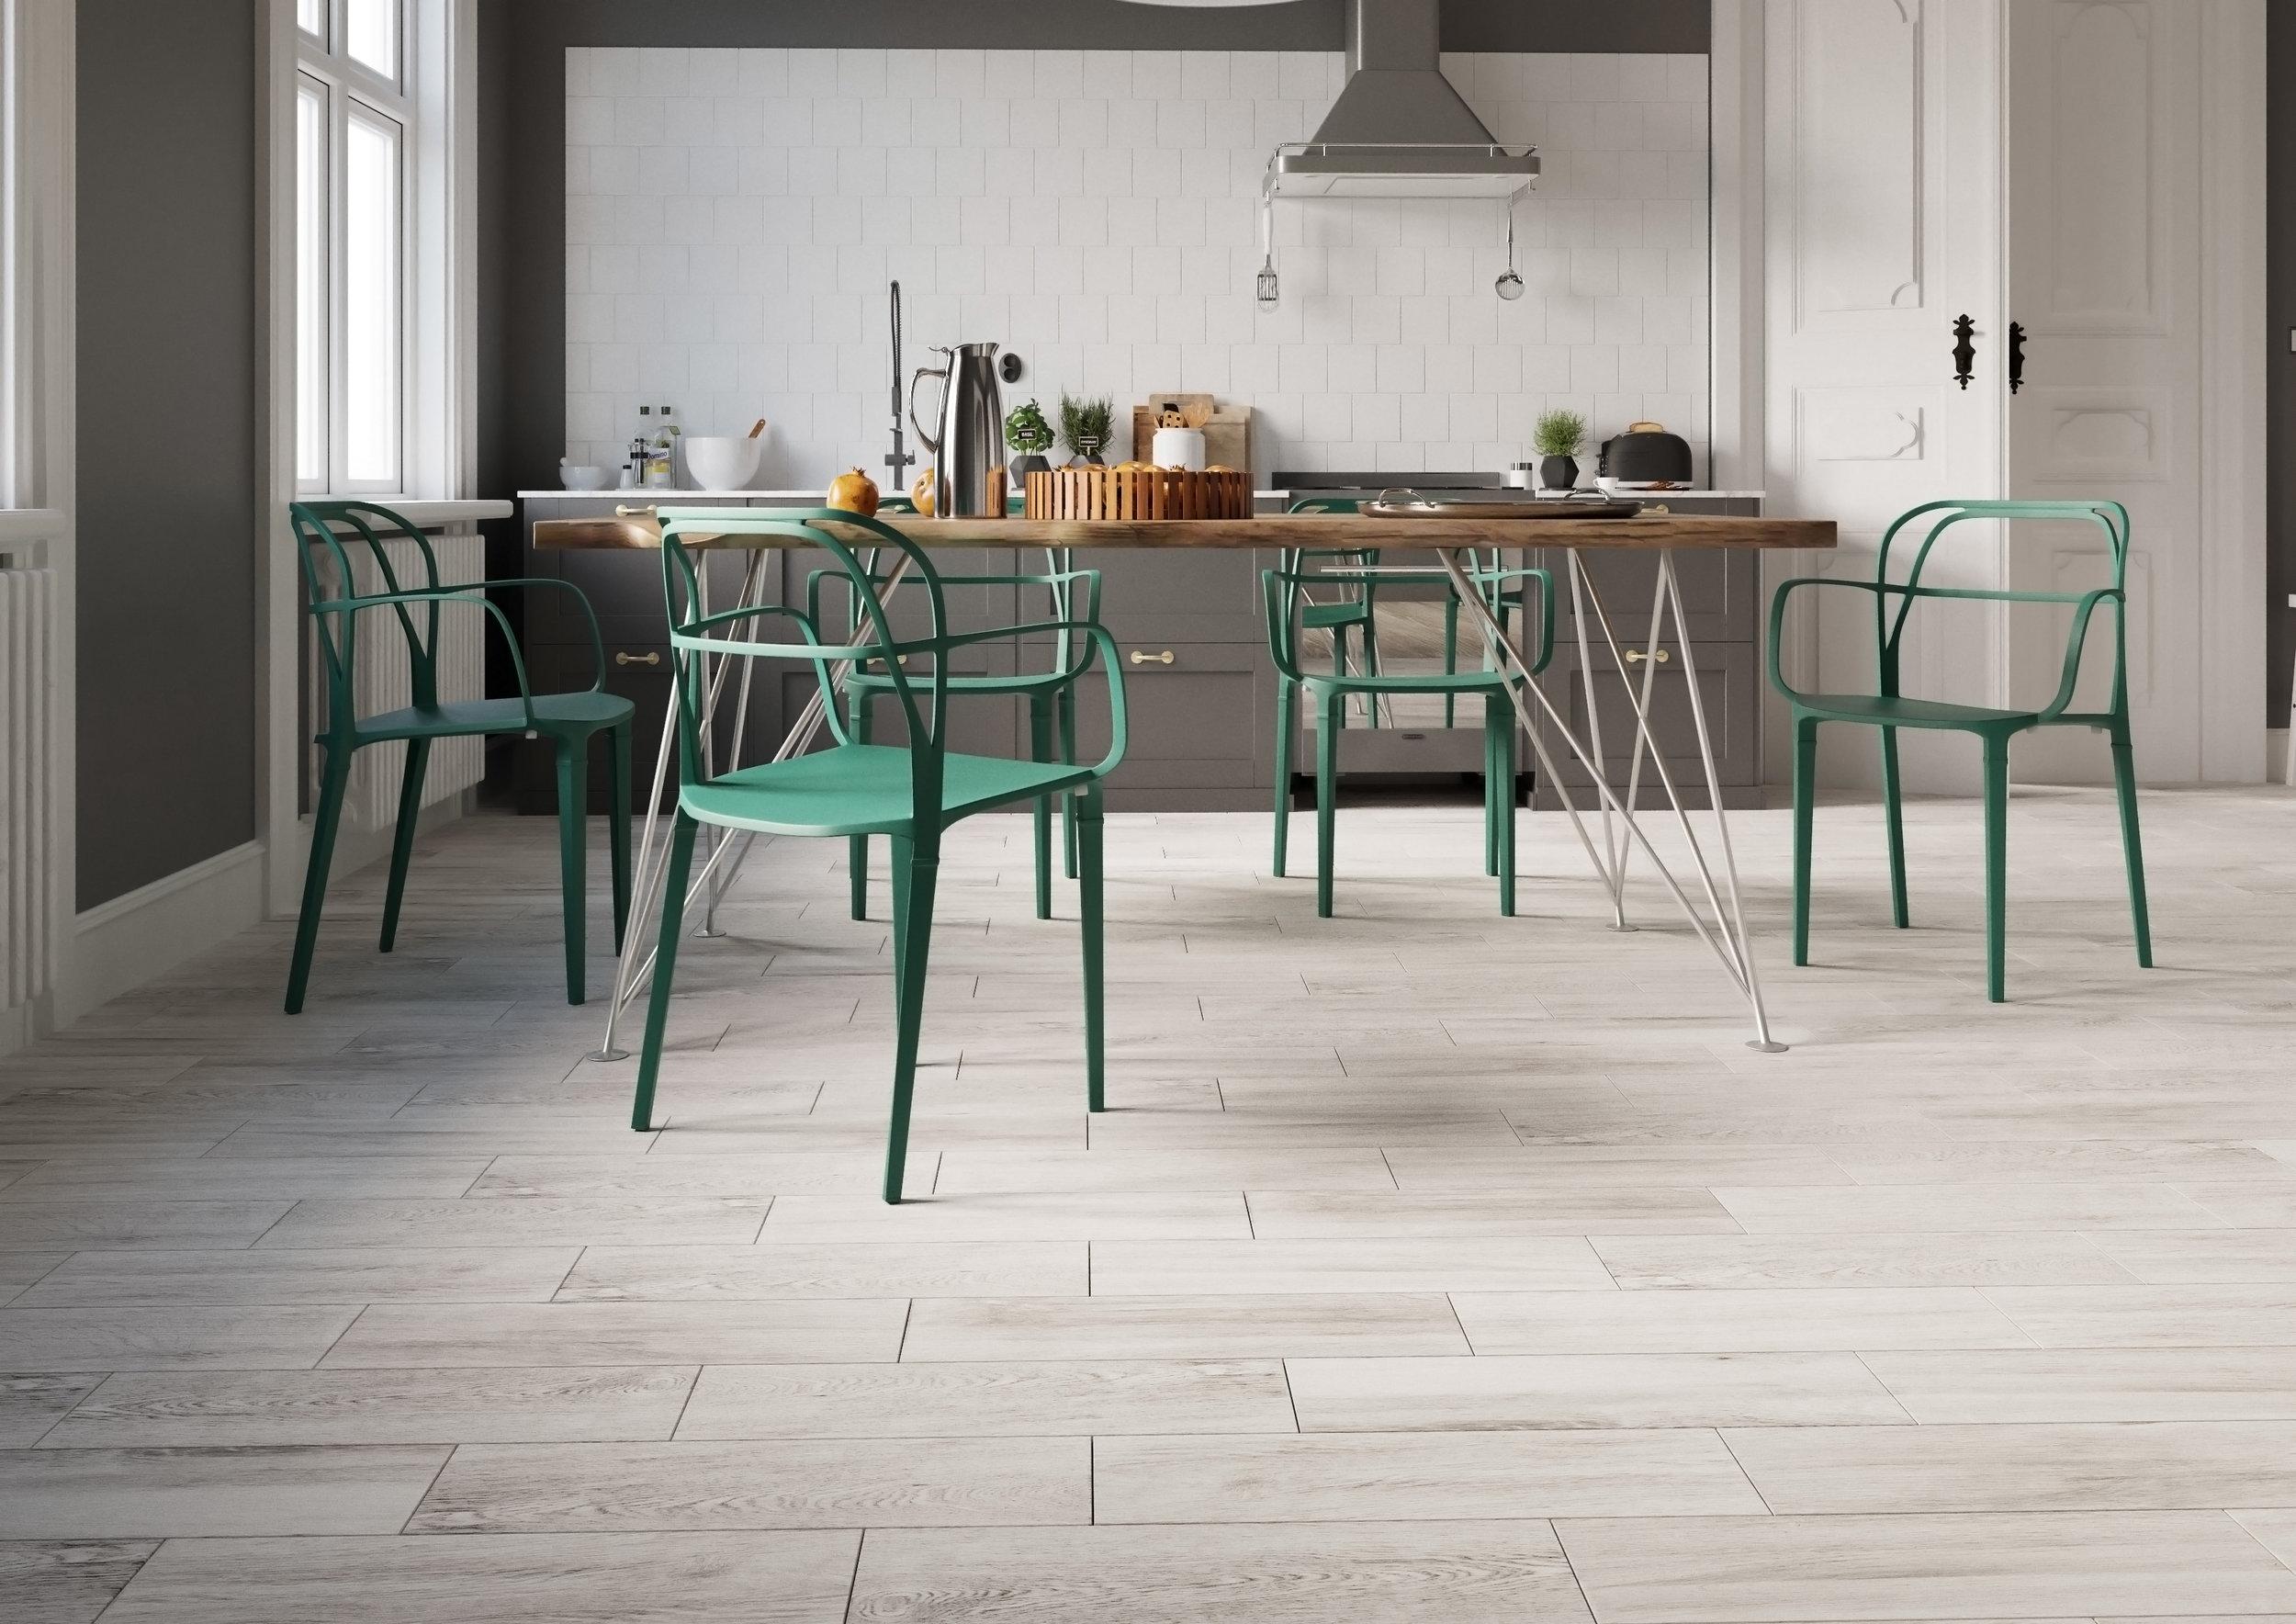 wizualizacje płytek ceramicznych_wizualizacje podłog drewnianych (2).jpg